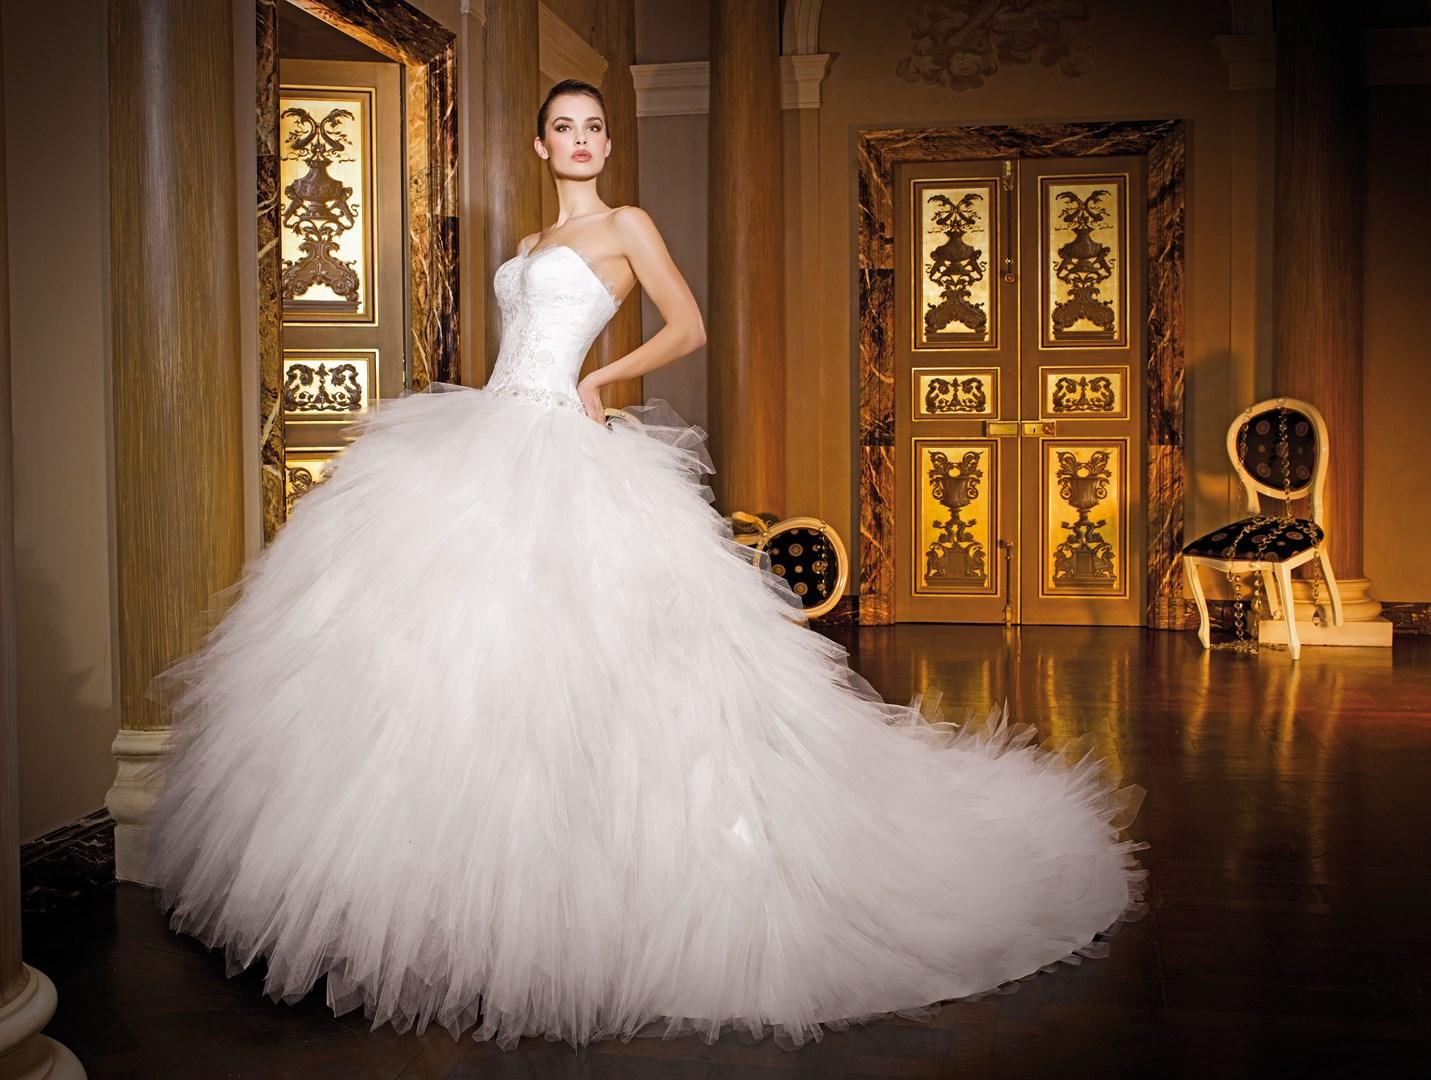 Brautkleider und Herrenanzügebei Brilliant Hochzeitsmoden